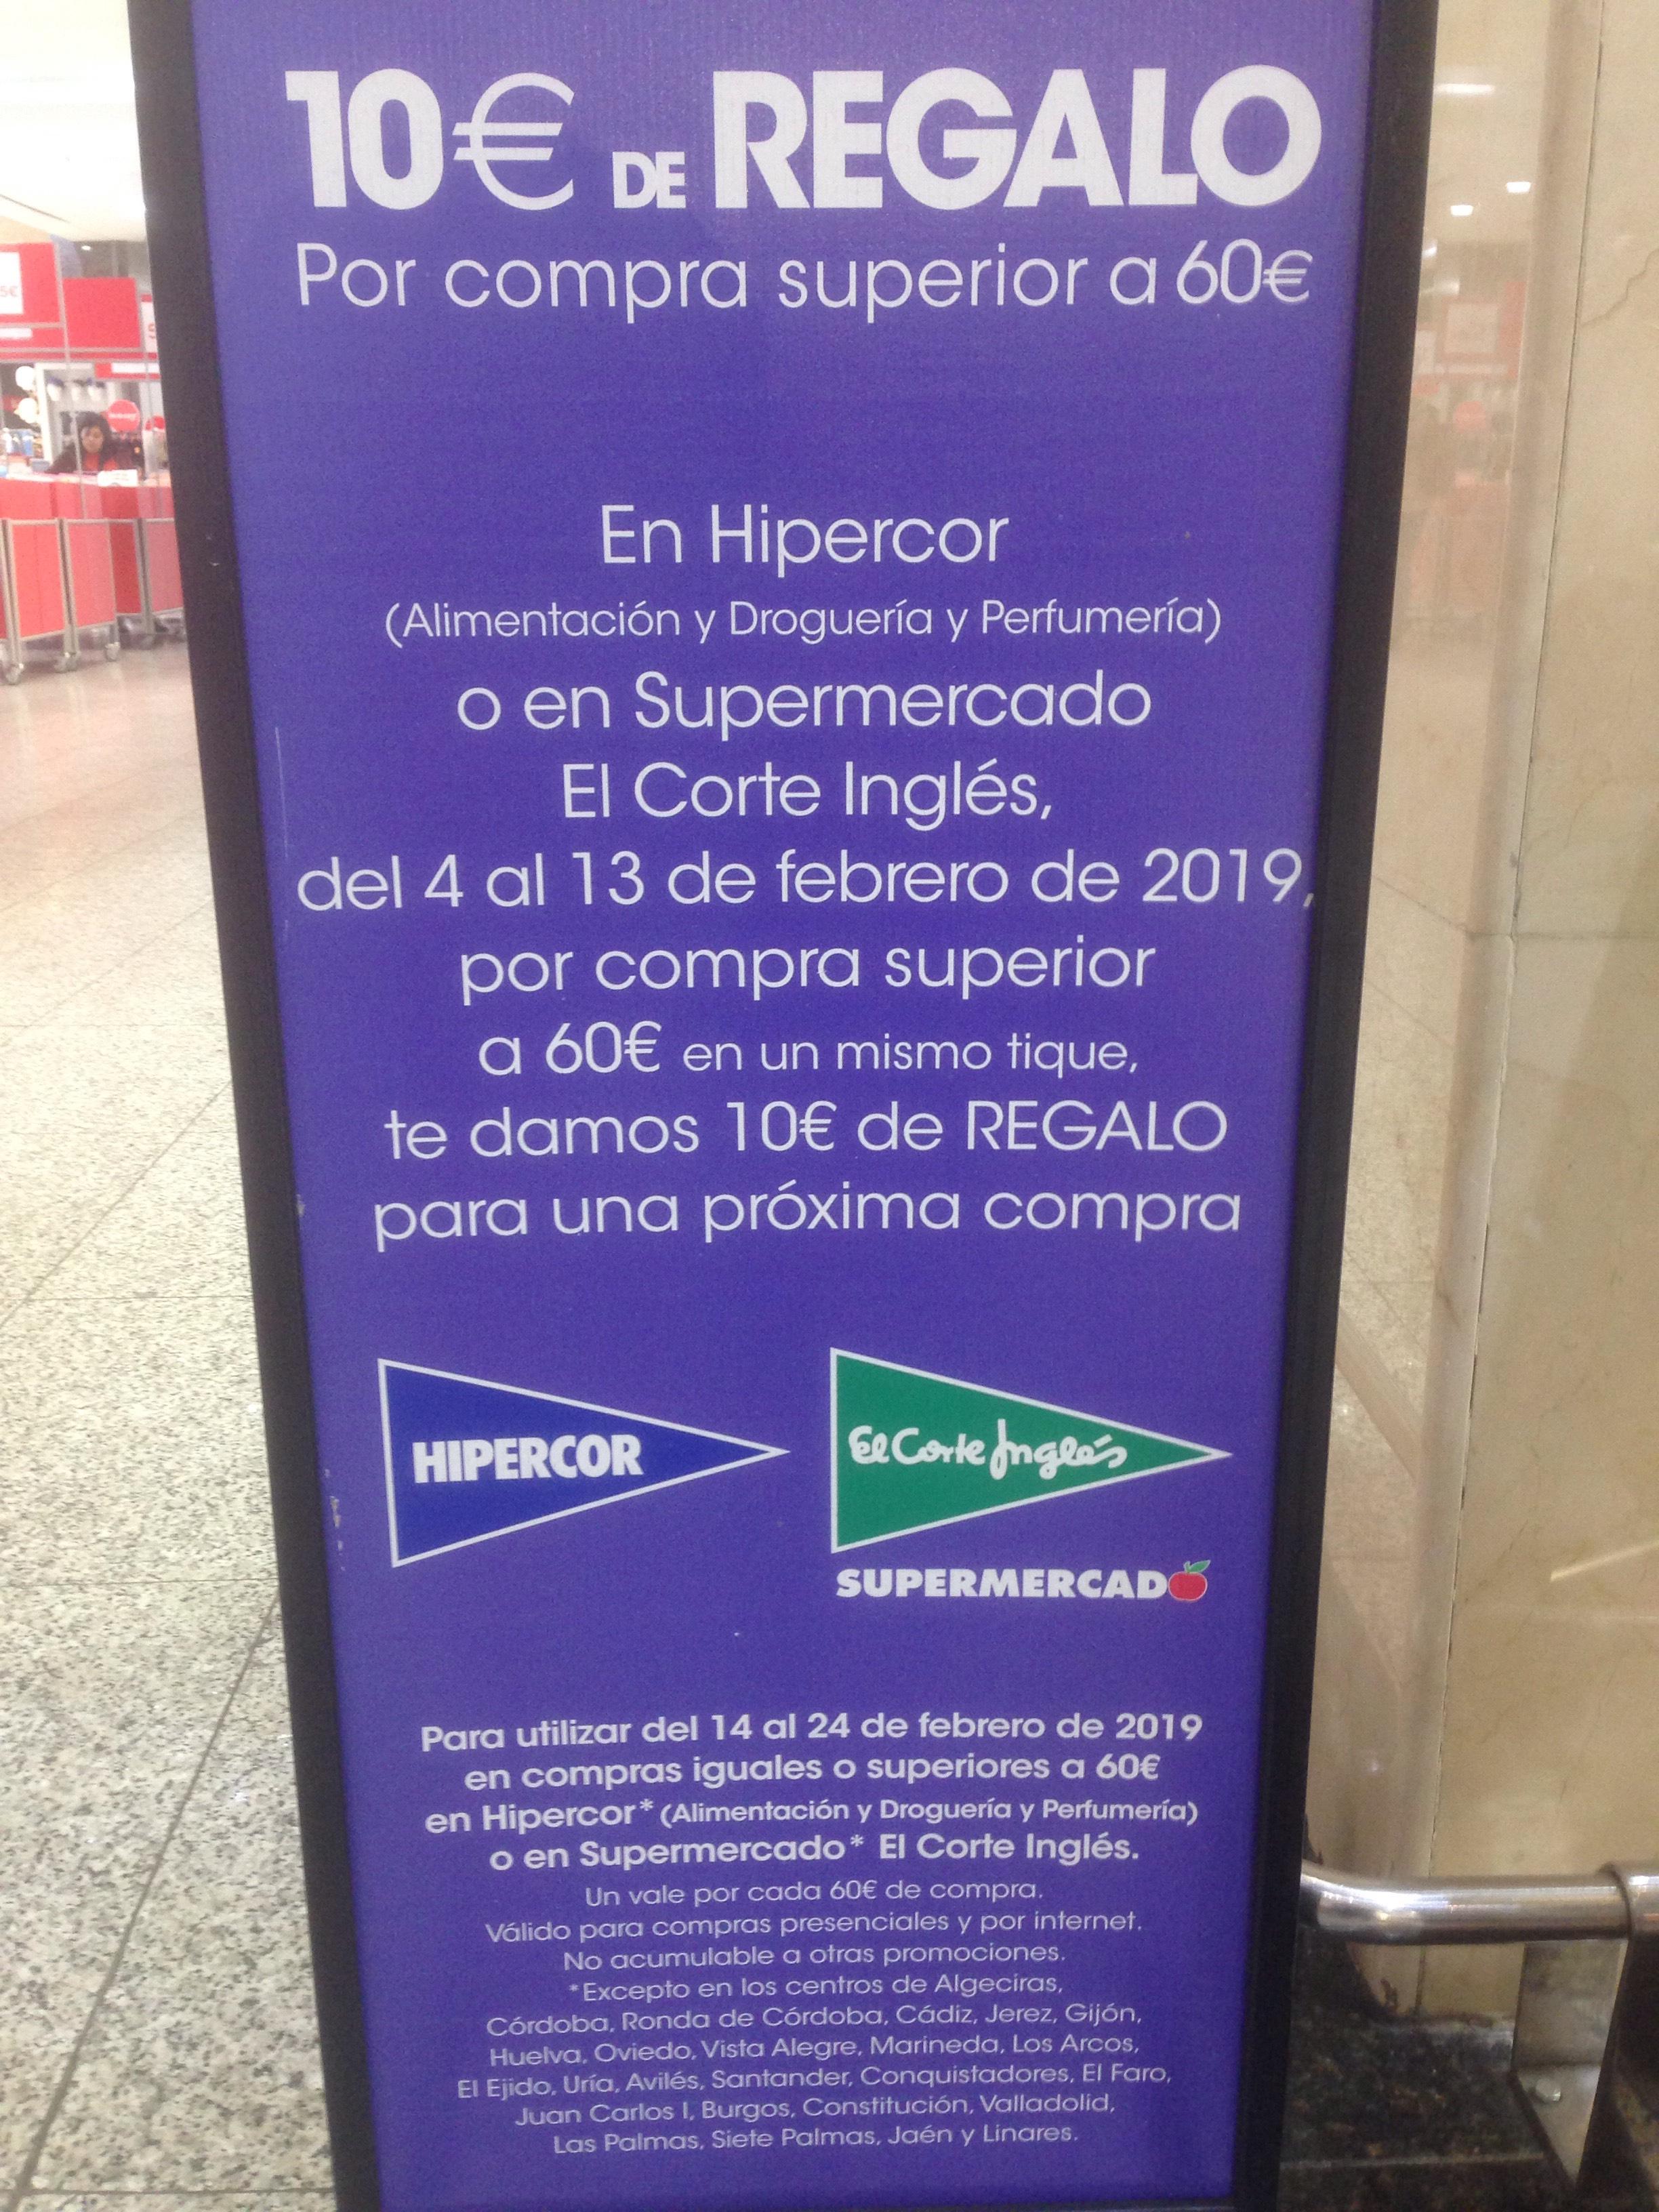 Hipercor: 10€ por compra de 60€ (Alimentación, droguería y perfumería)